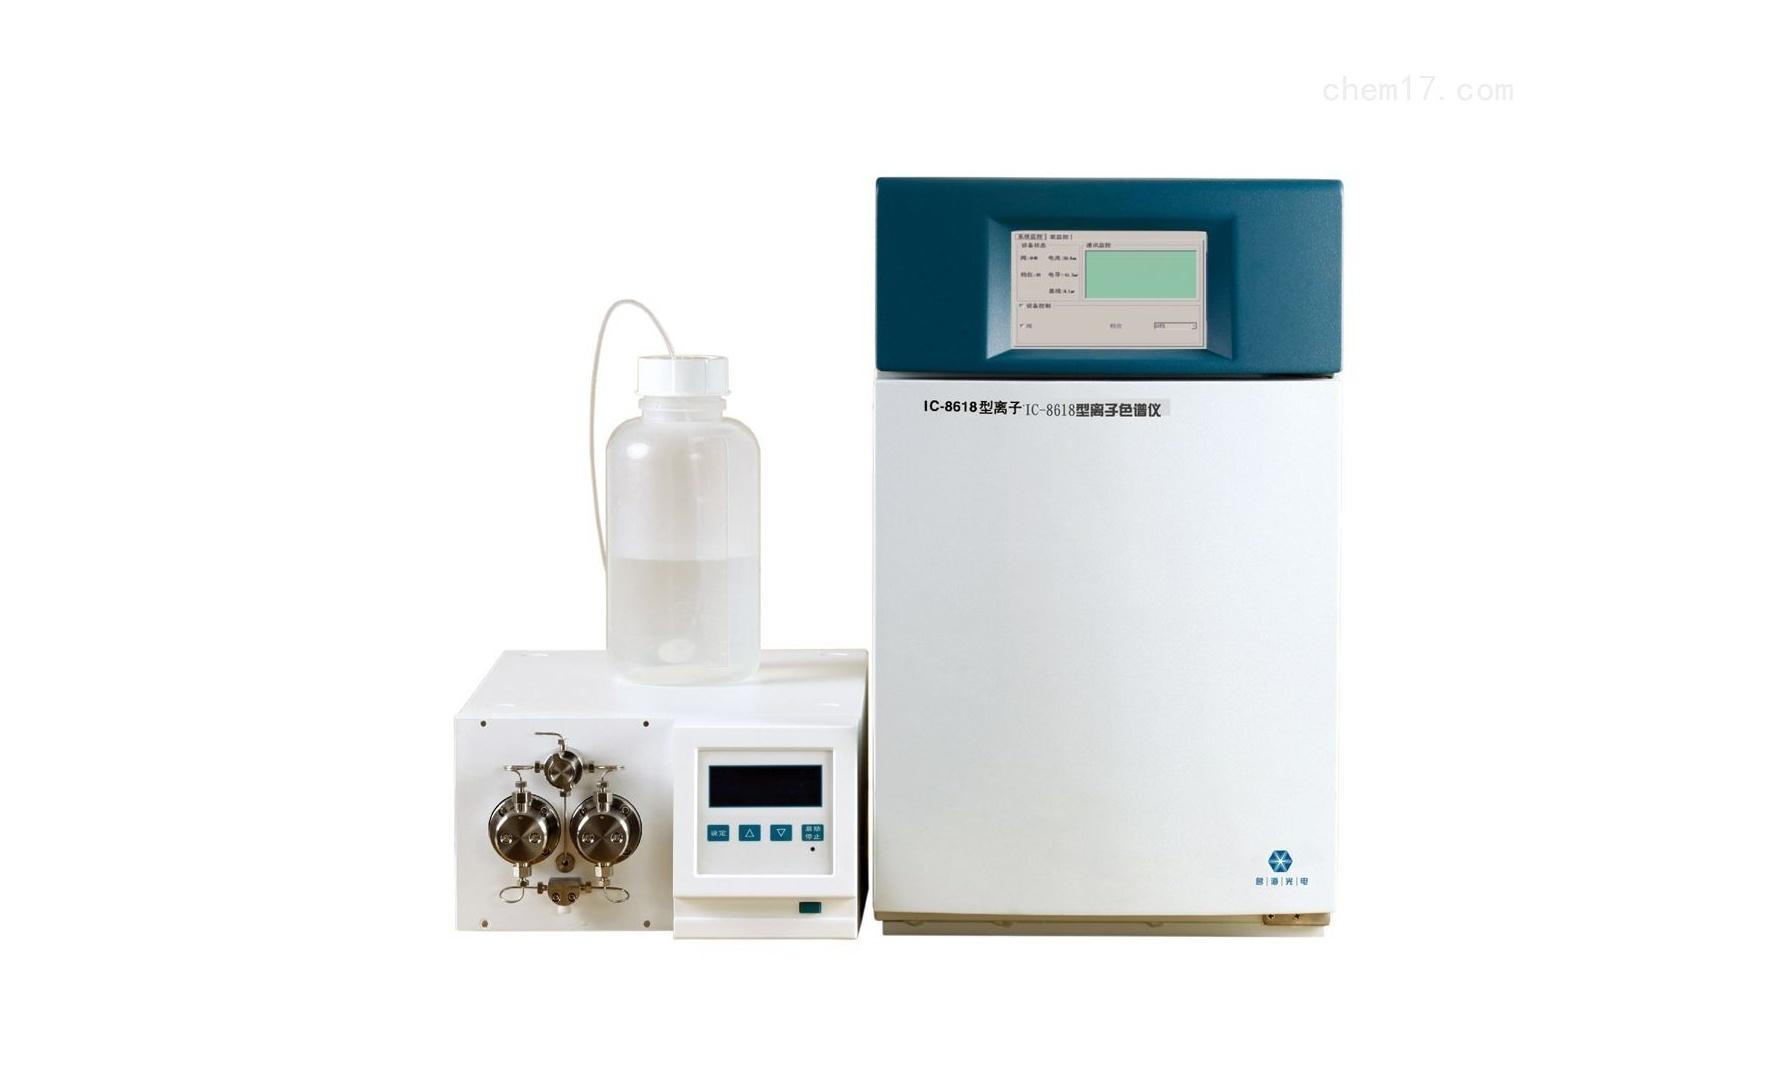 许昌市质量技检中心离子色谱仪等仪器设备采购项目招标